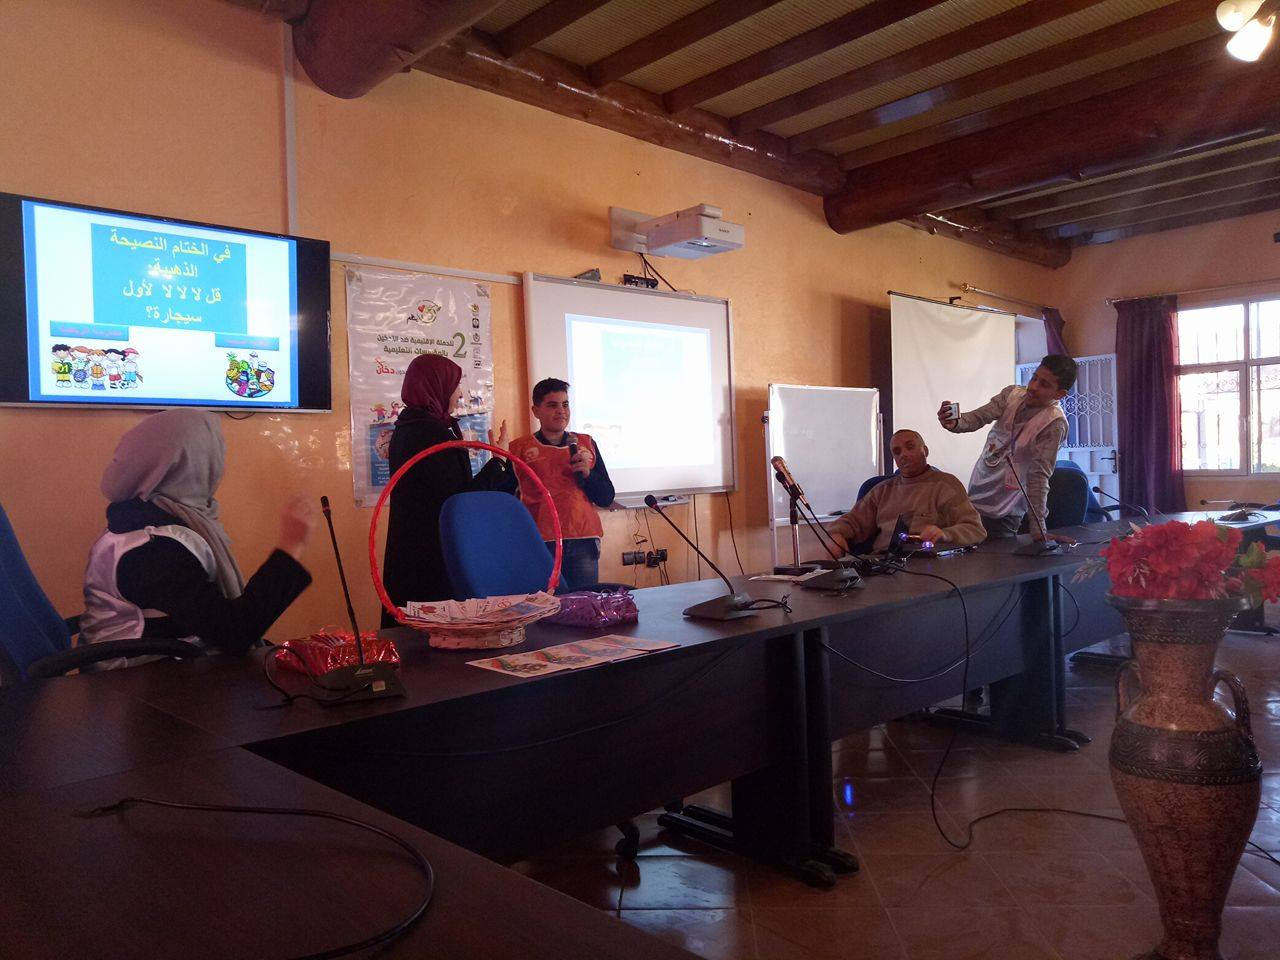 تيزنيت : النادي الصحي والبيئي لثانوية الوحدة التاهيلية يحل بمدينة تافراوت لتحسيس الناشئة بأضرار التدخين